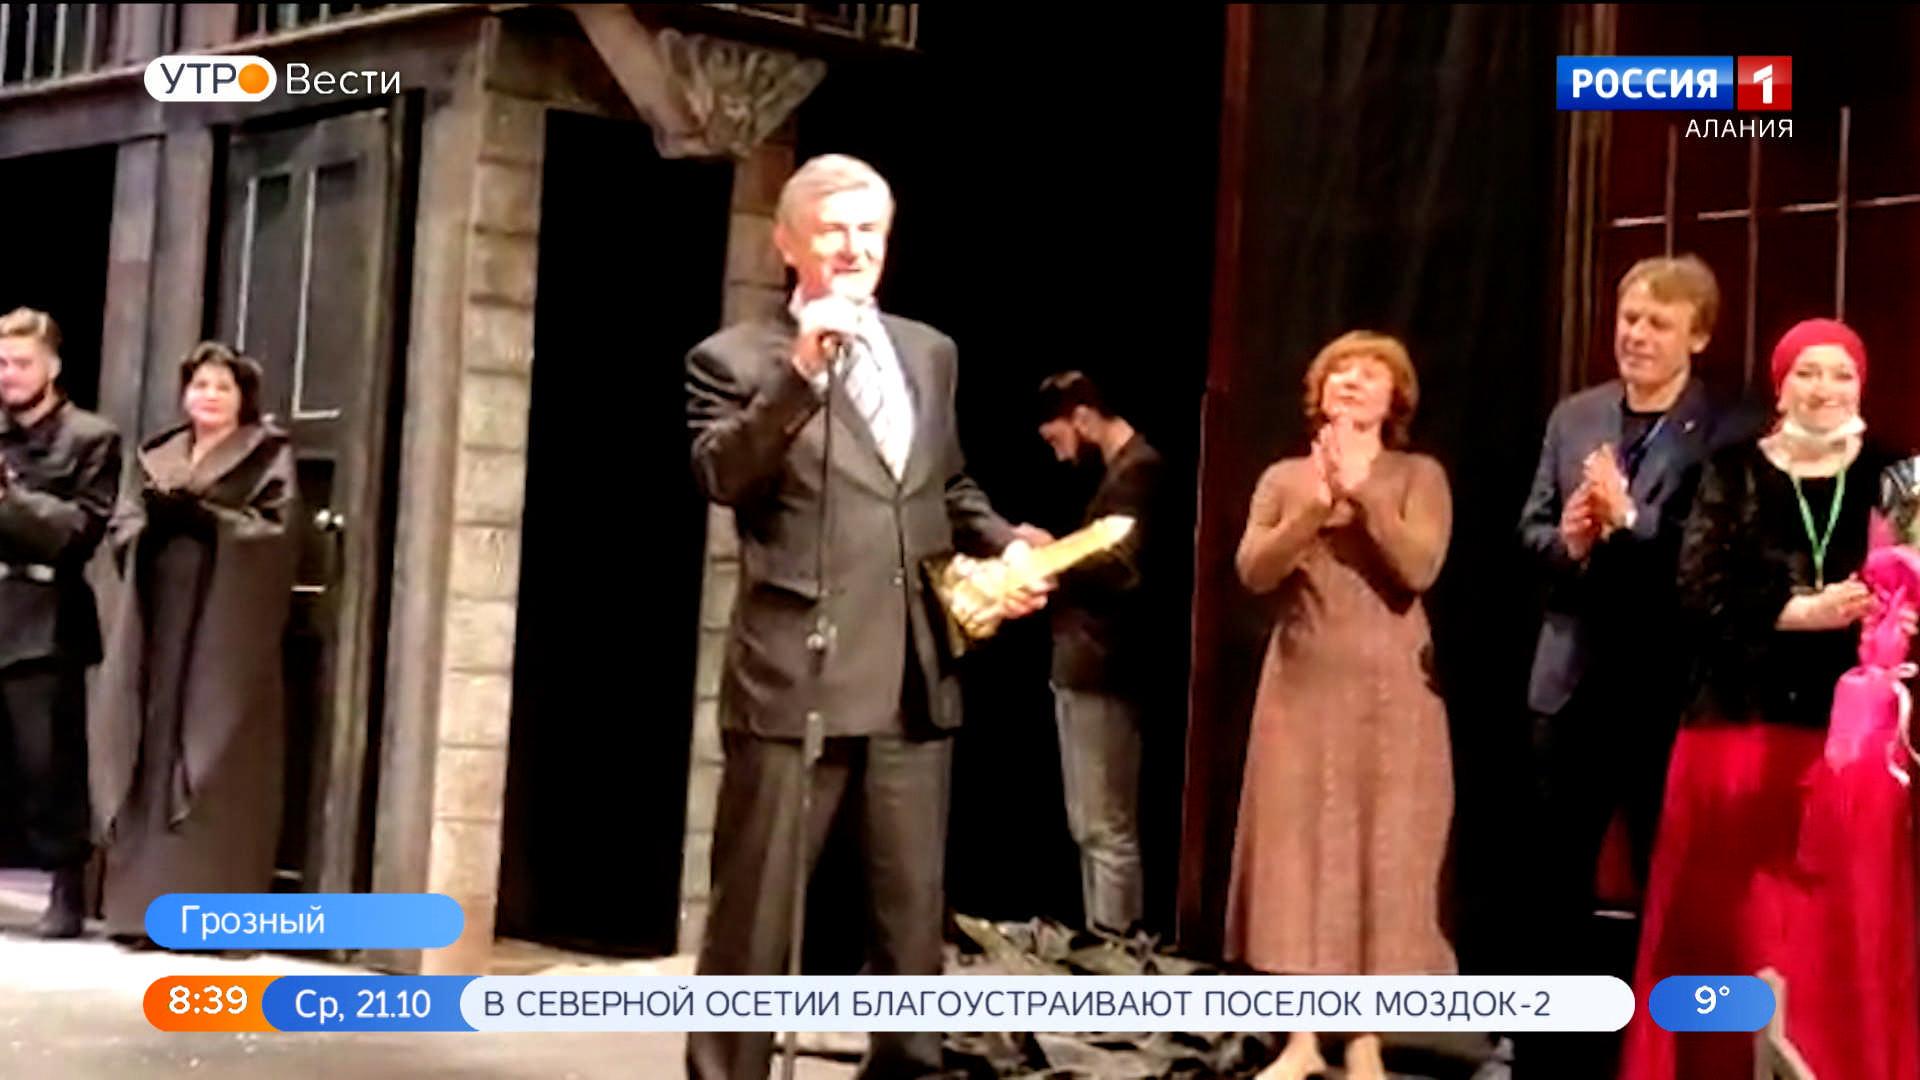 СОГАТ — дипломант второго Всероссийского фестиваля национальных театров «Федерация»